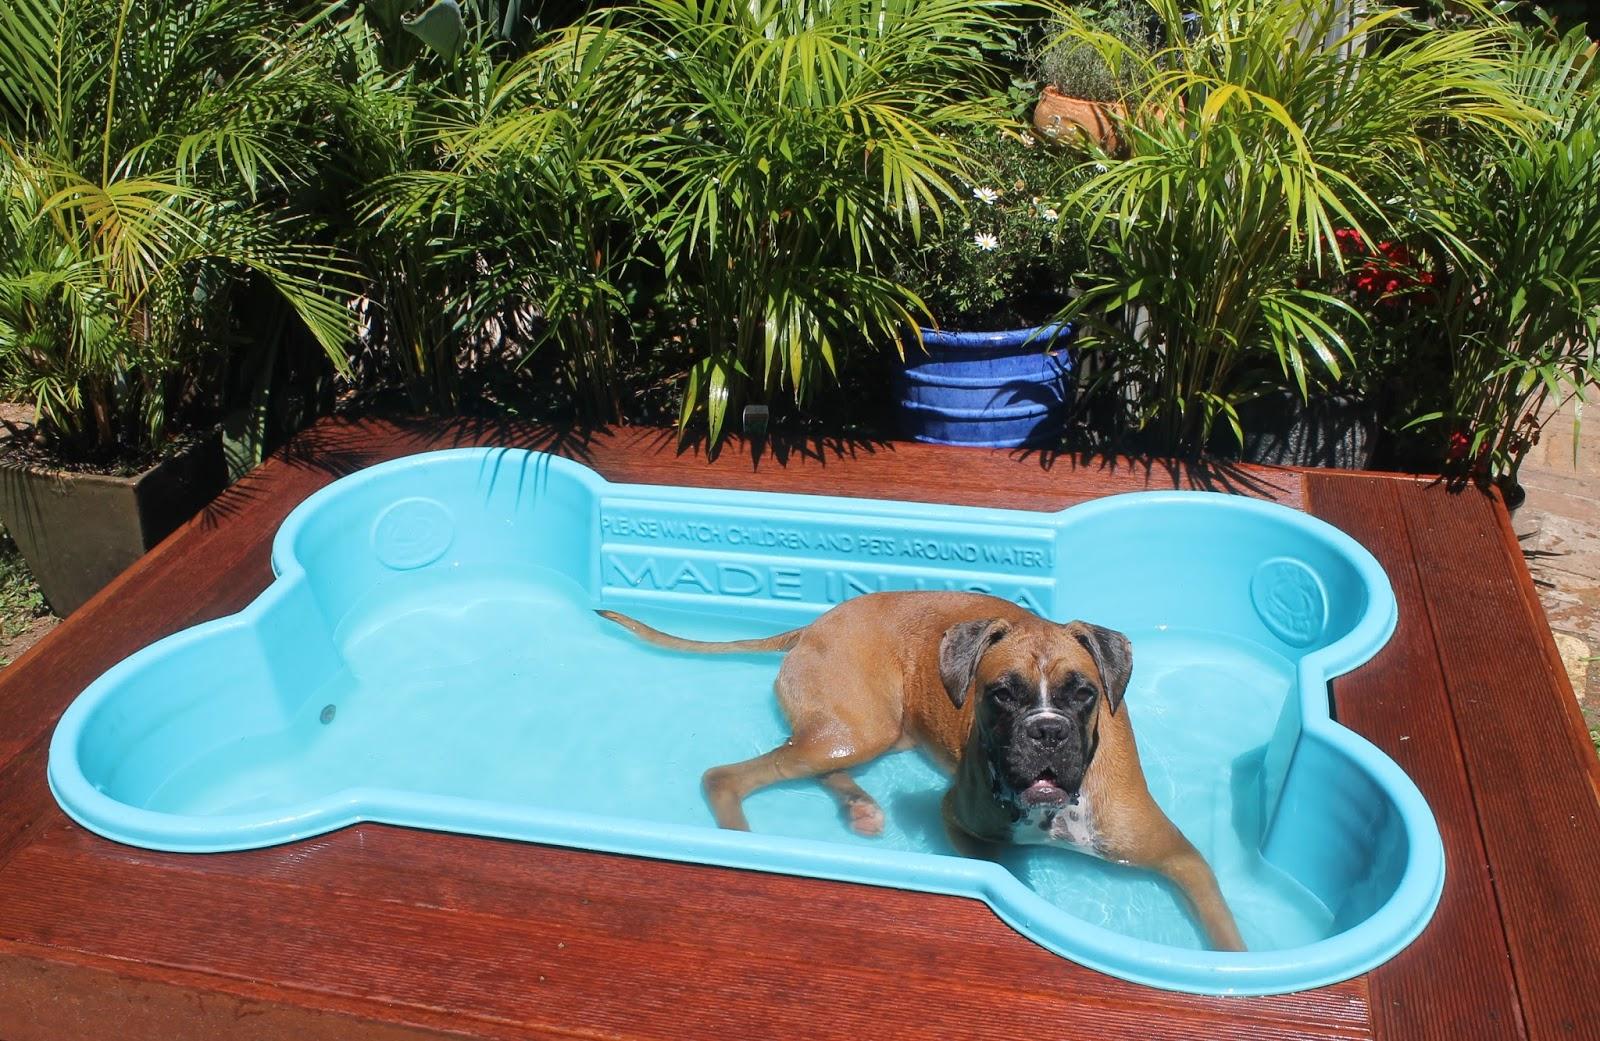 meilleur piscine pour chien comparatif guide achat avis